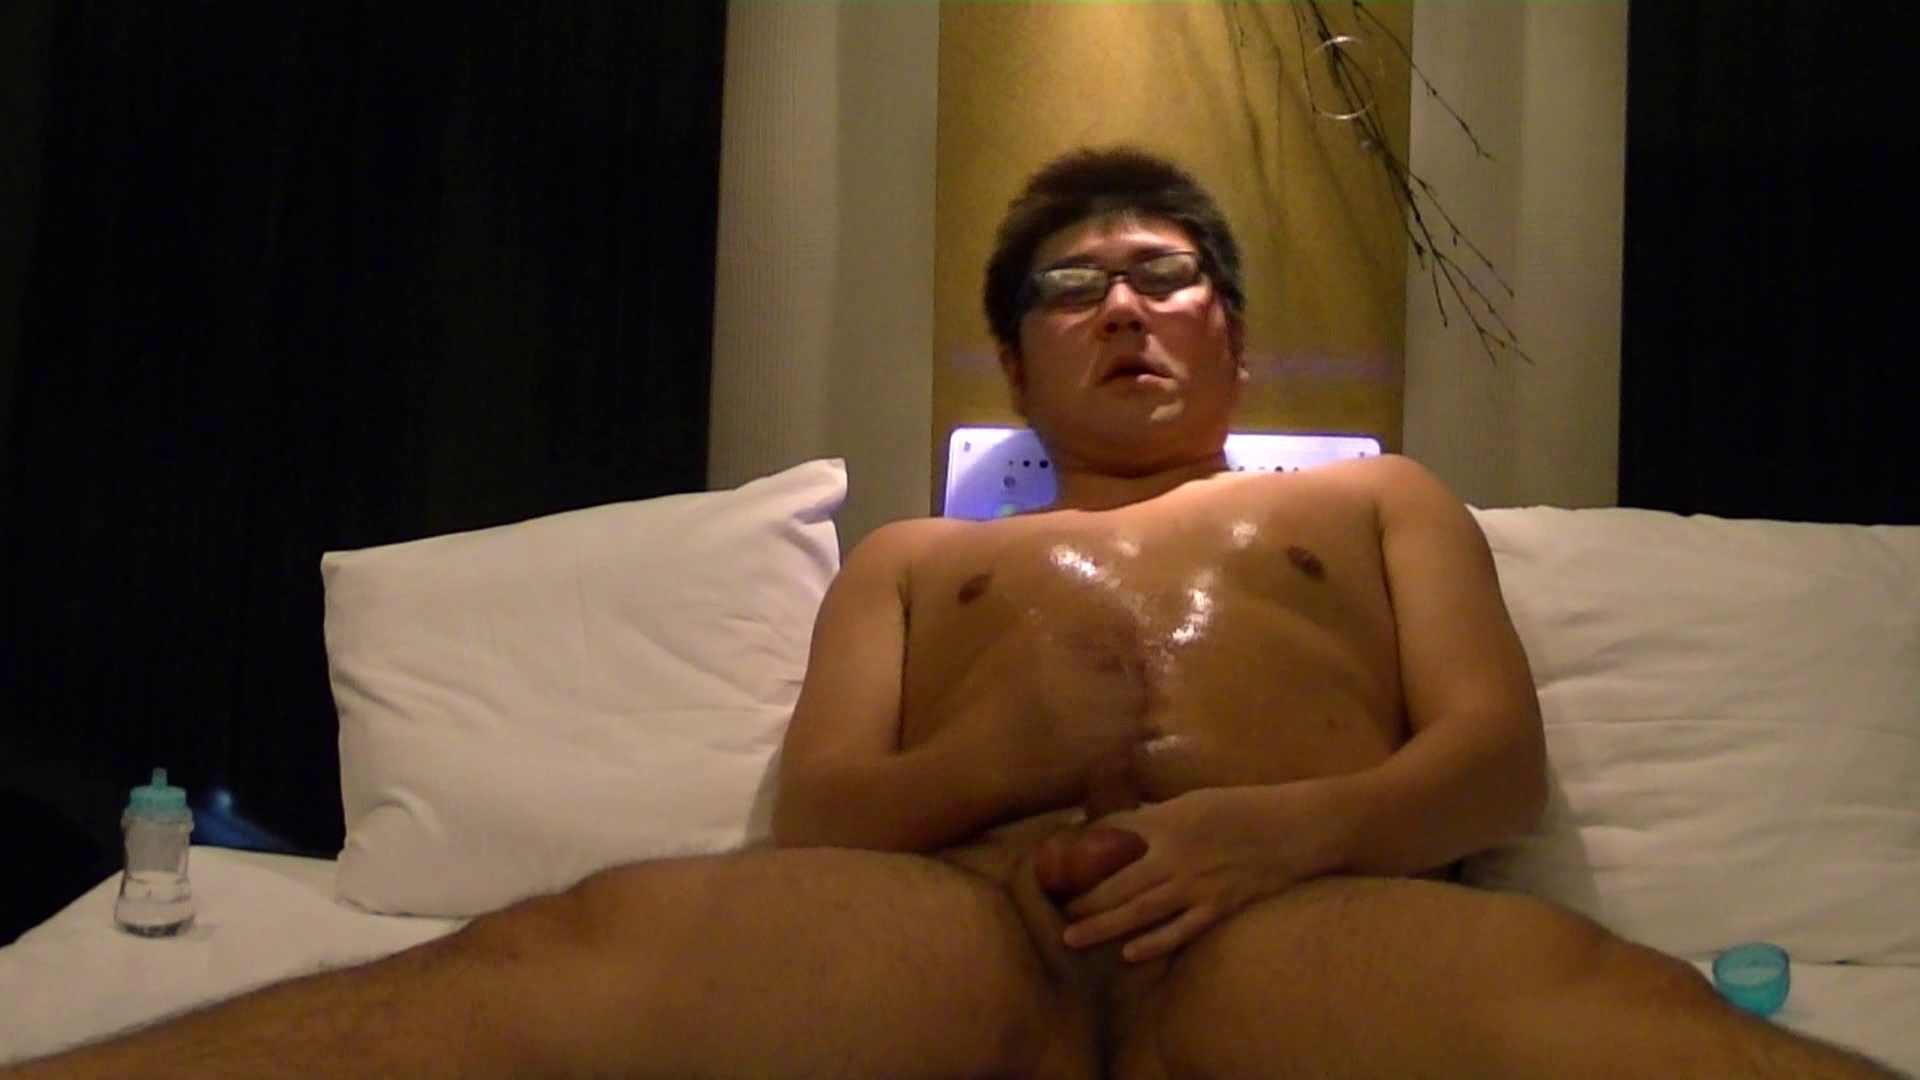 Mr.オナックスさん投稿!HD 貴方のオナニー三万円で撮影させてください。VOL.03 後編 エッチシーン ゲイフリーエロ画像 106枚 29